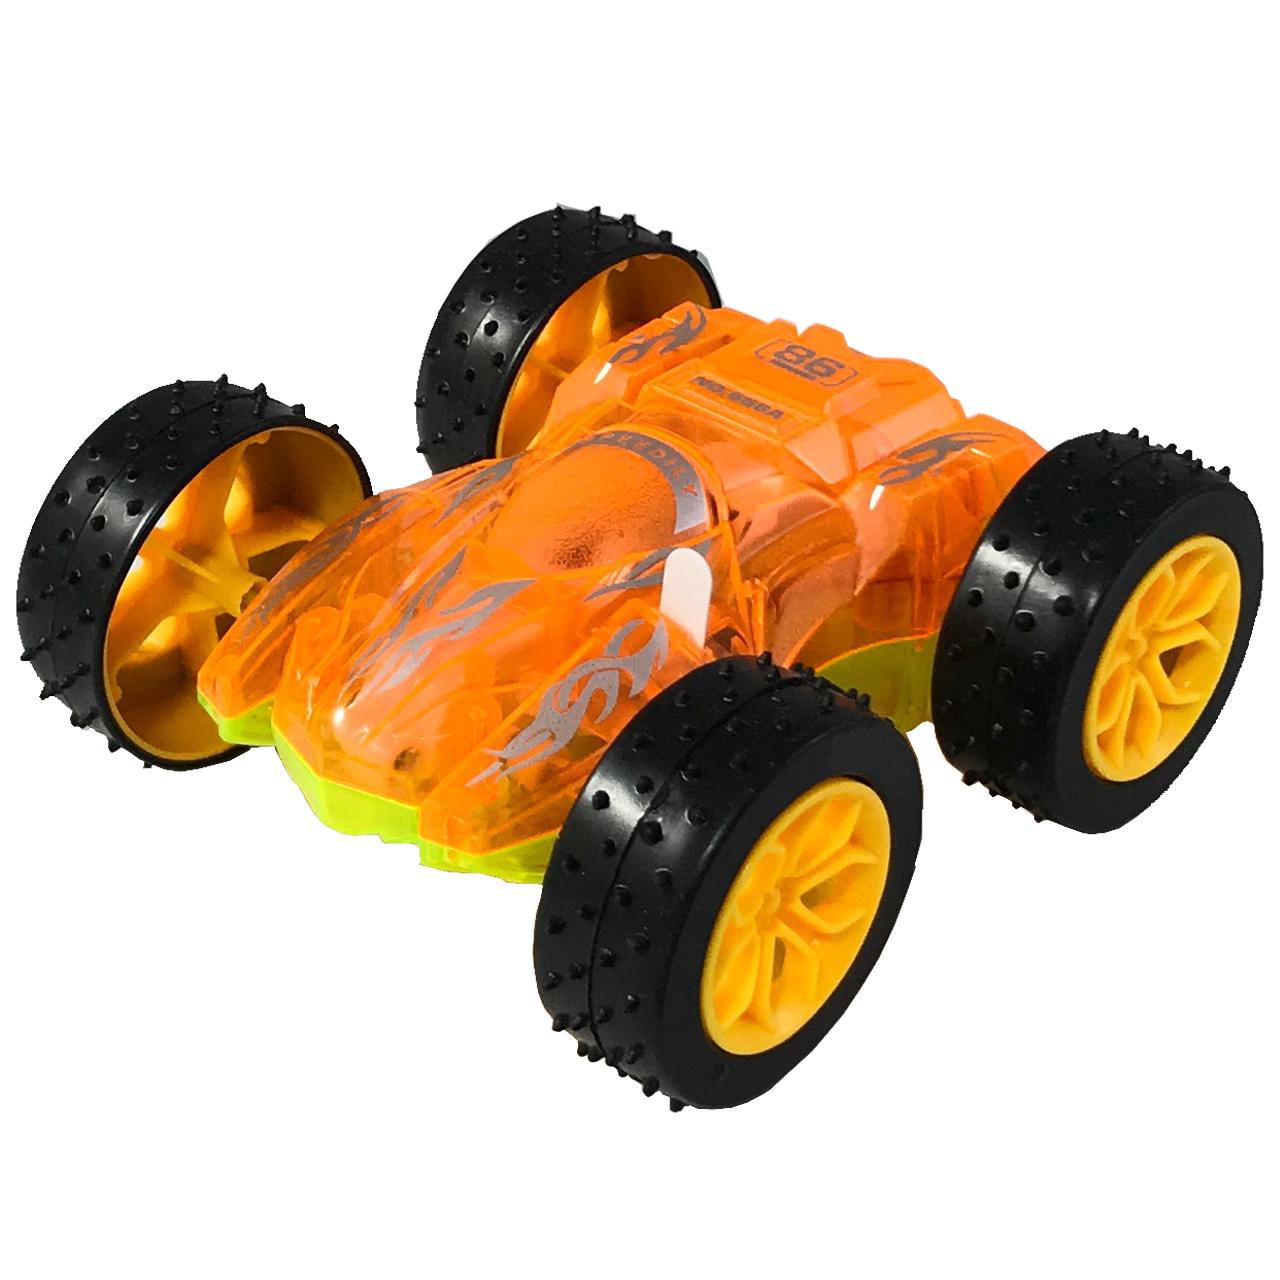 خرید                     ماشین قدرتی مدل چراغ دار کد200